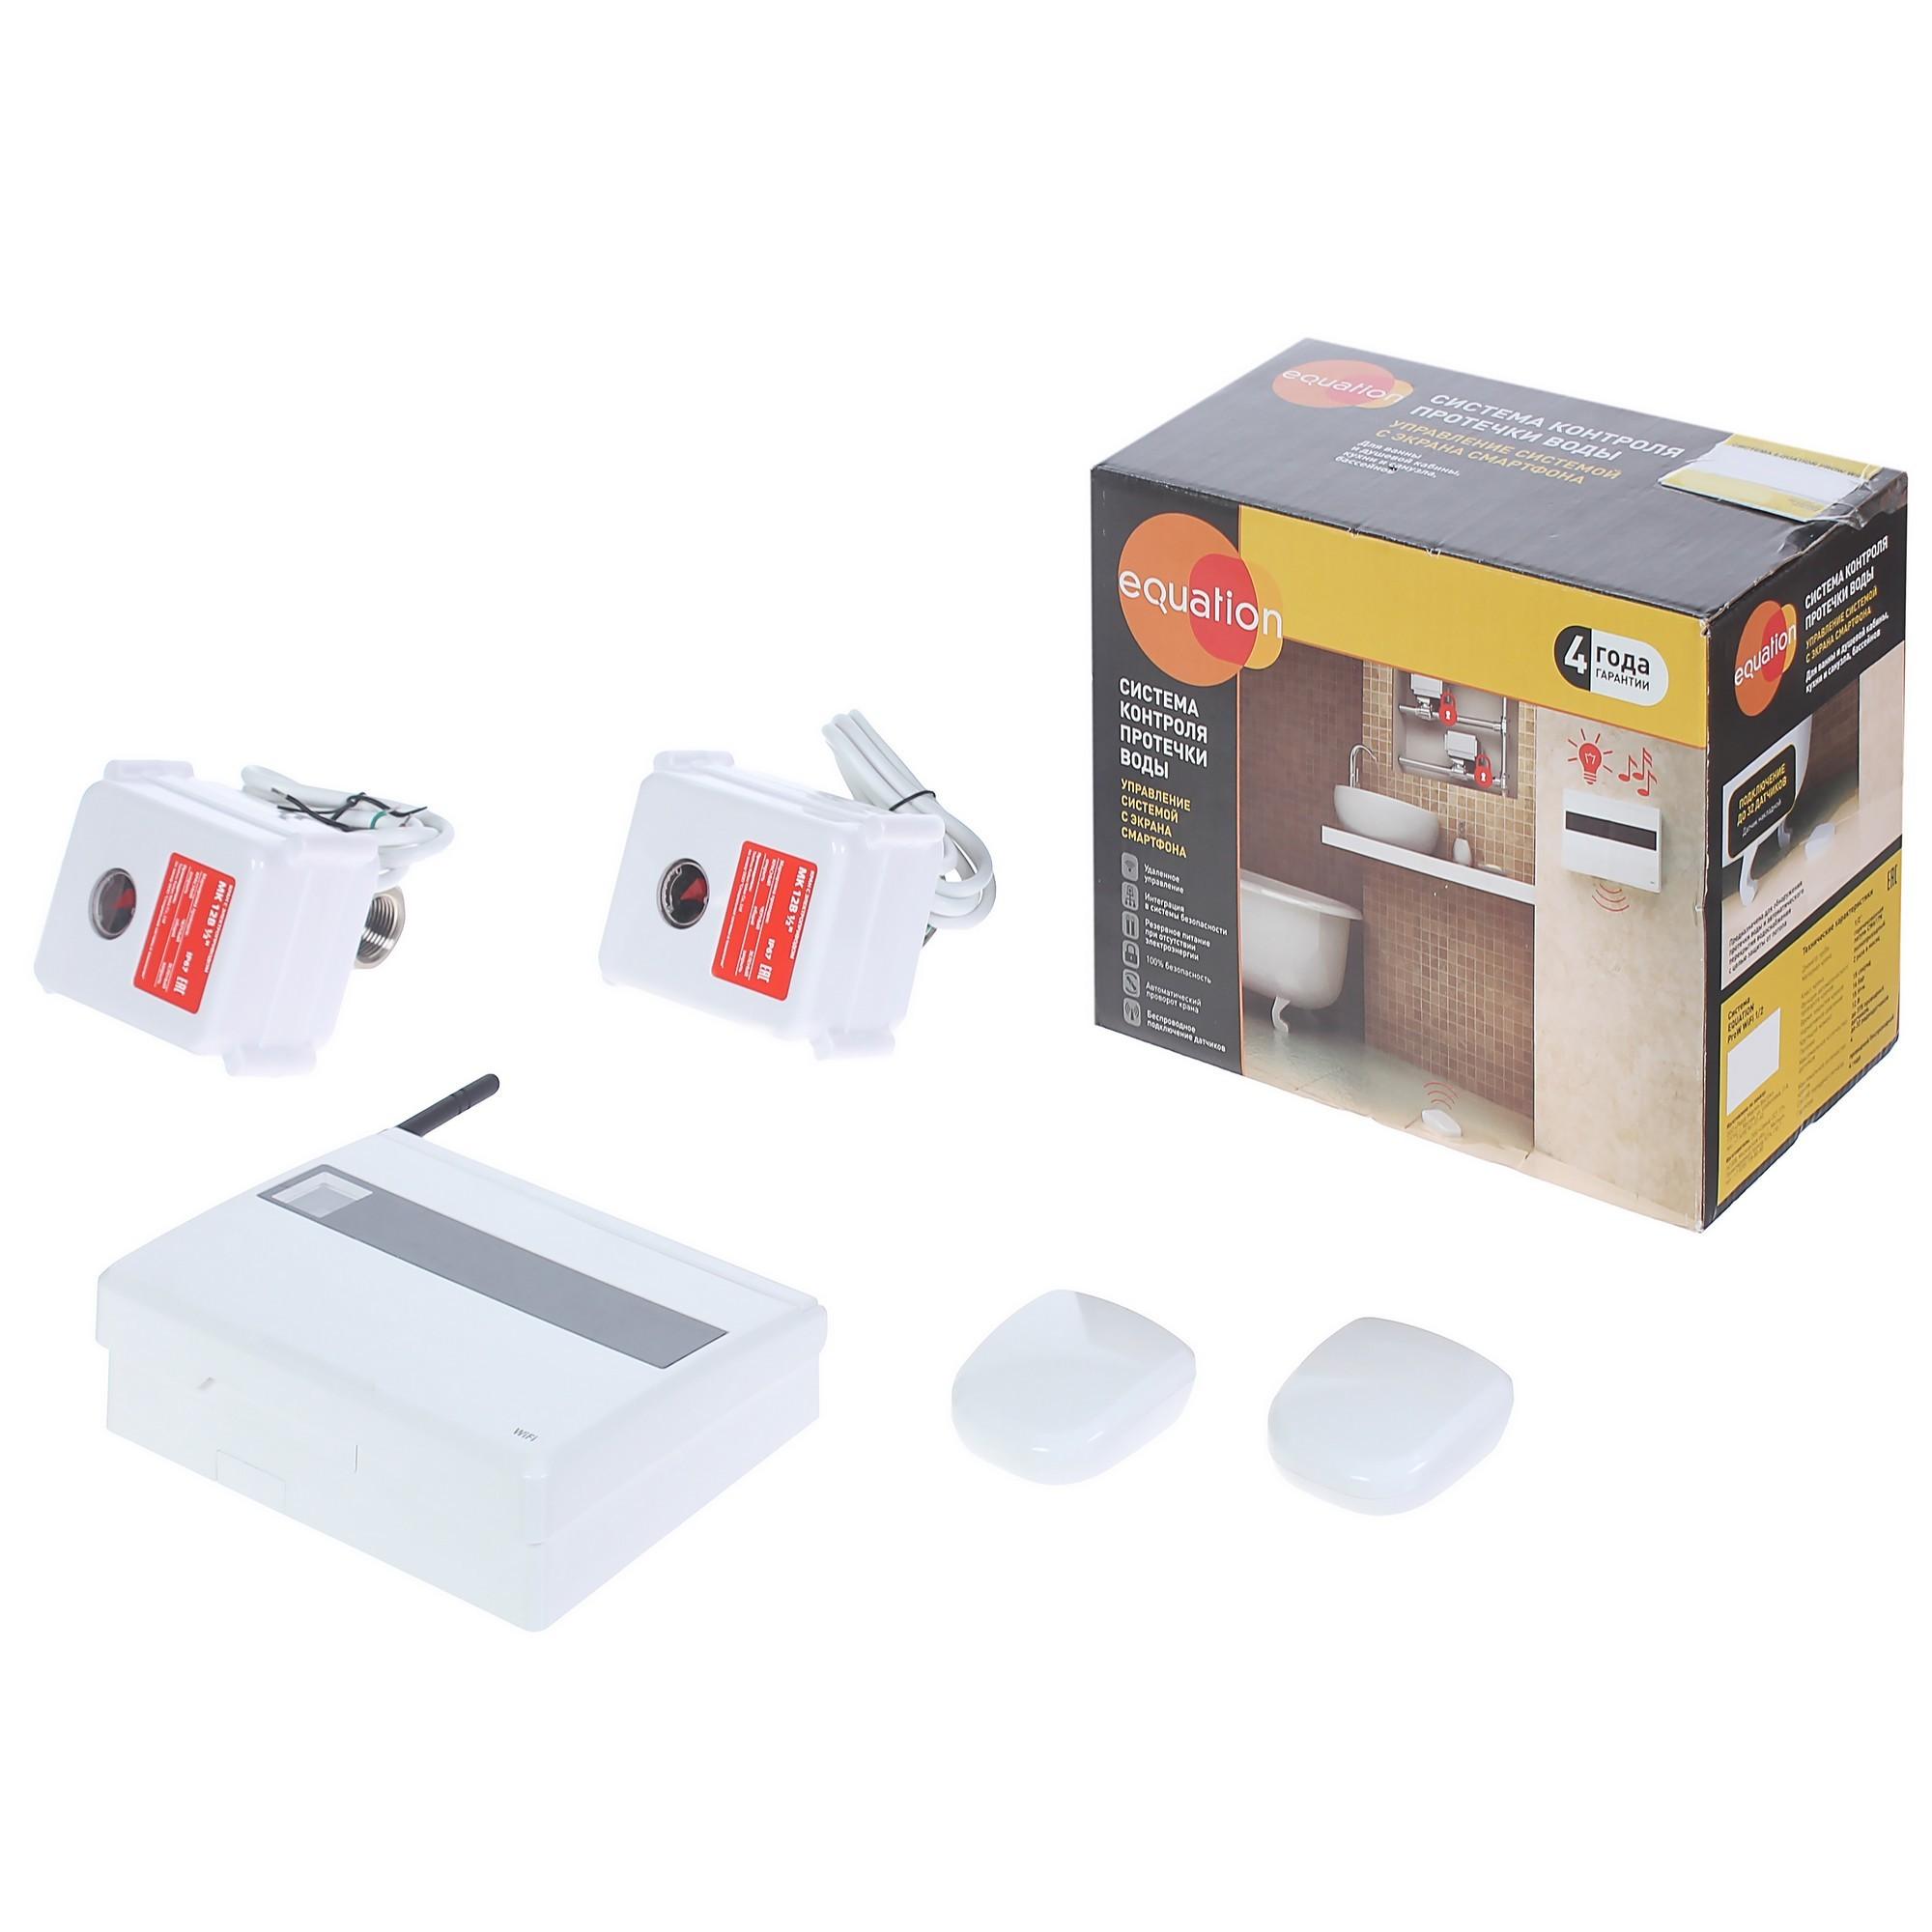 Система контроля протечки воды беспроводная Equation «Prow» с WiFi модулем, 1/2 дюйма